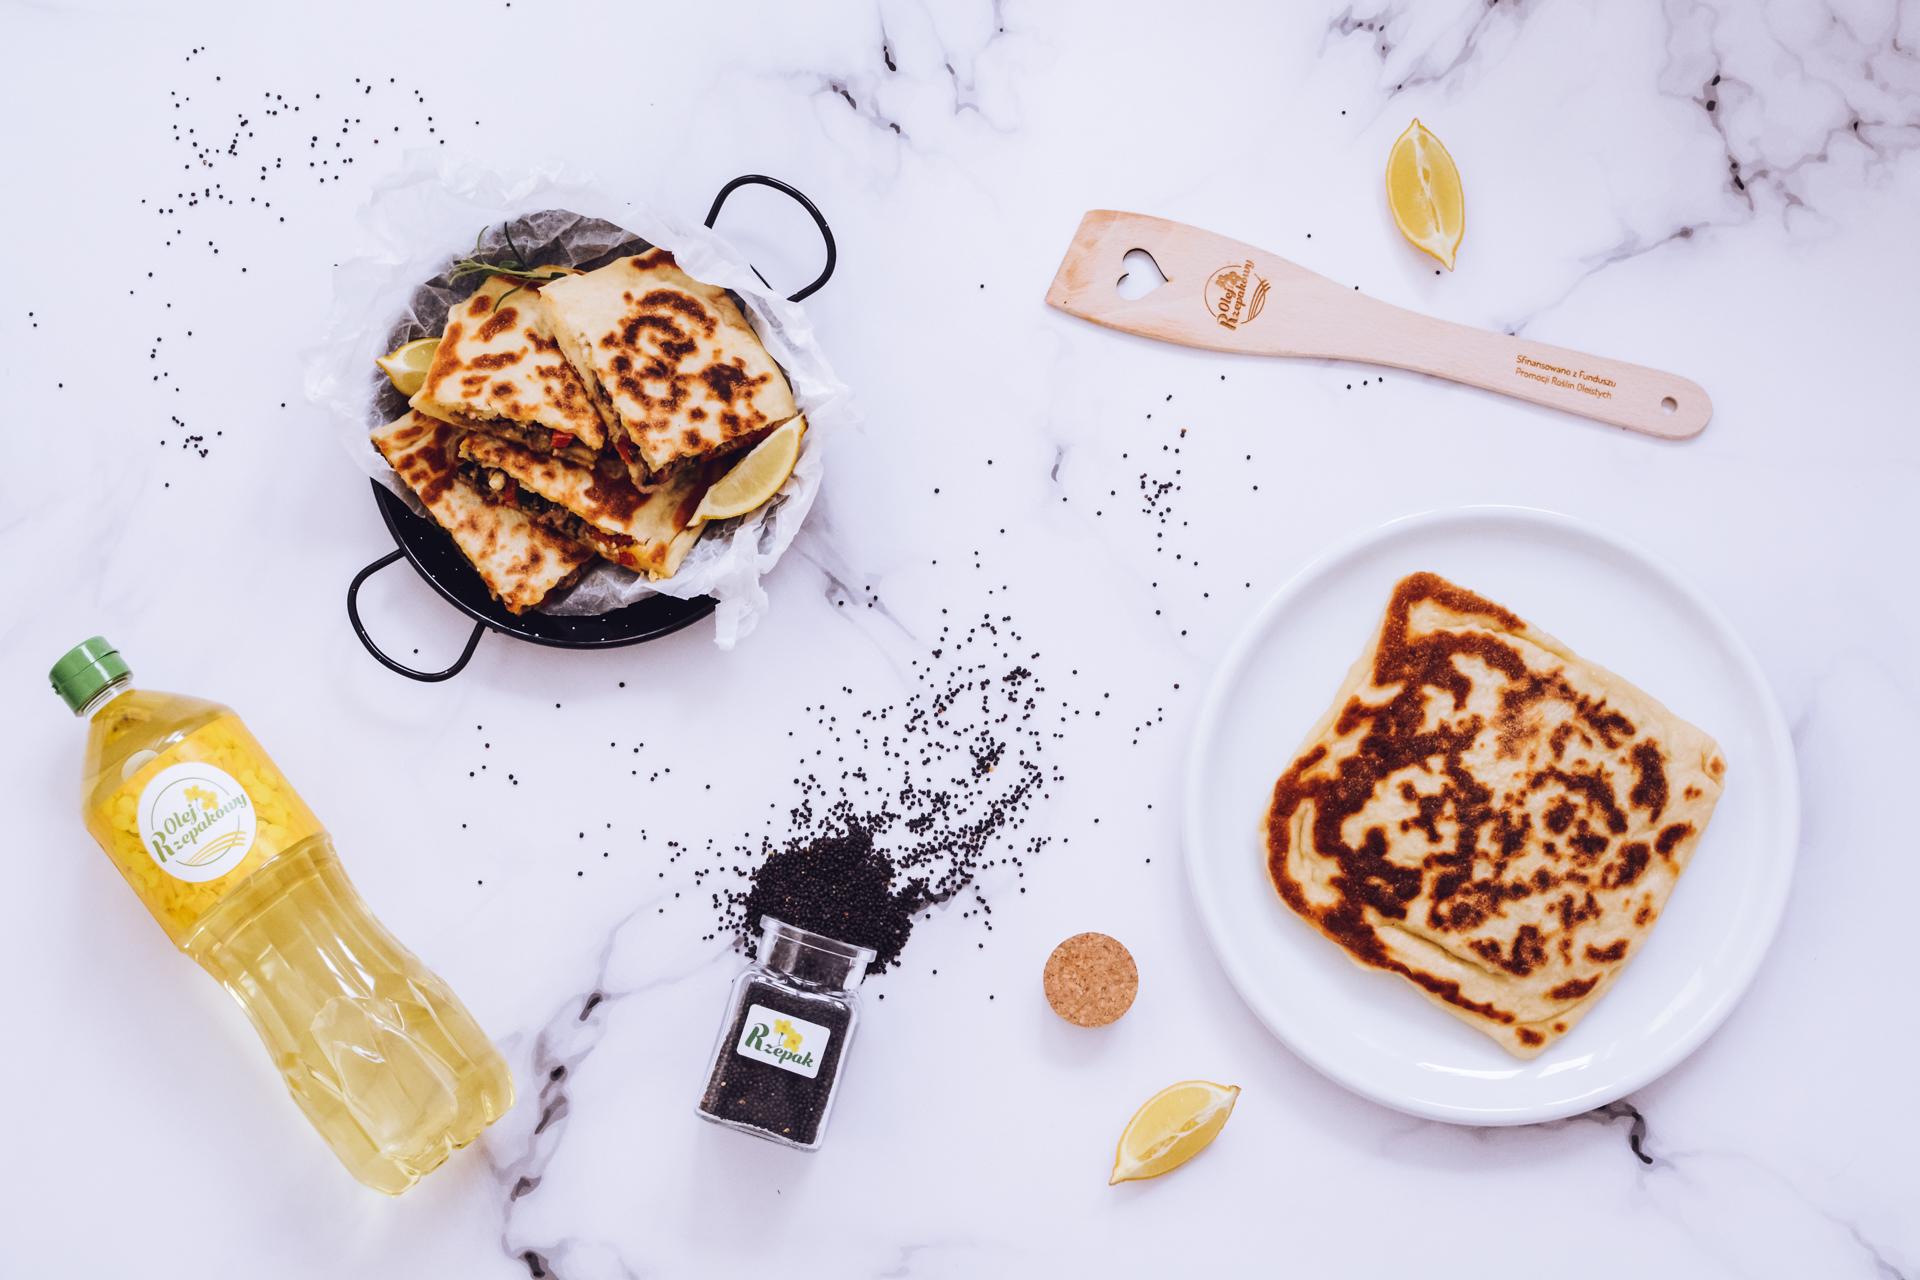 Gozleme - pyszne chlebki z patelni